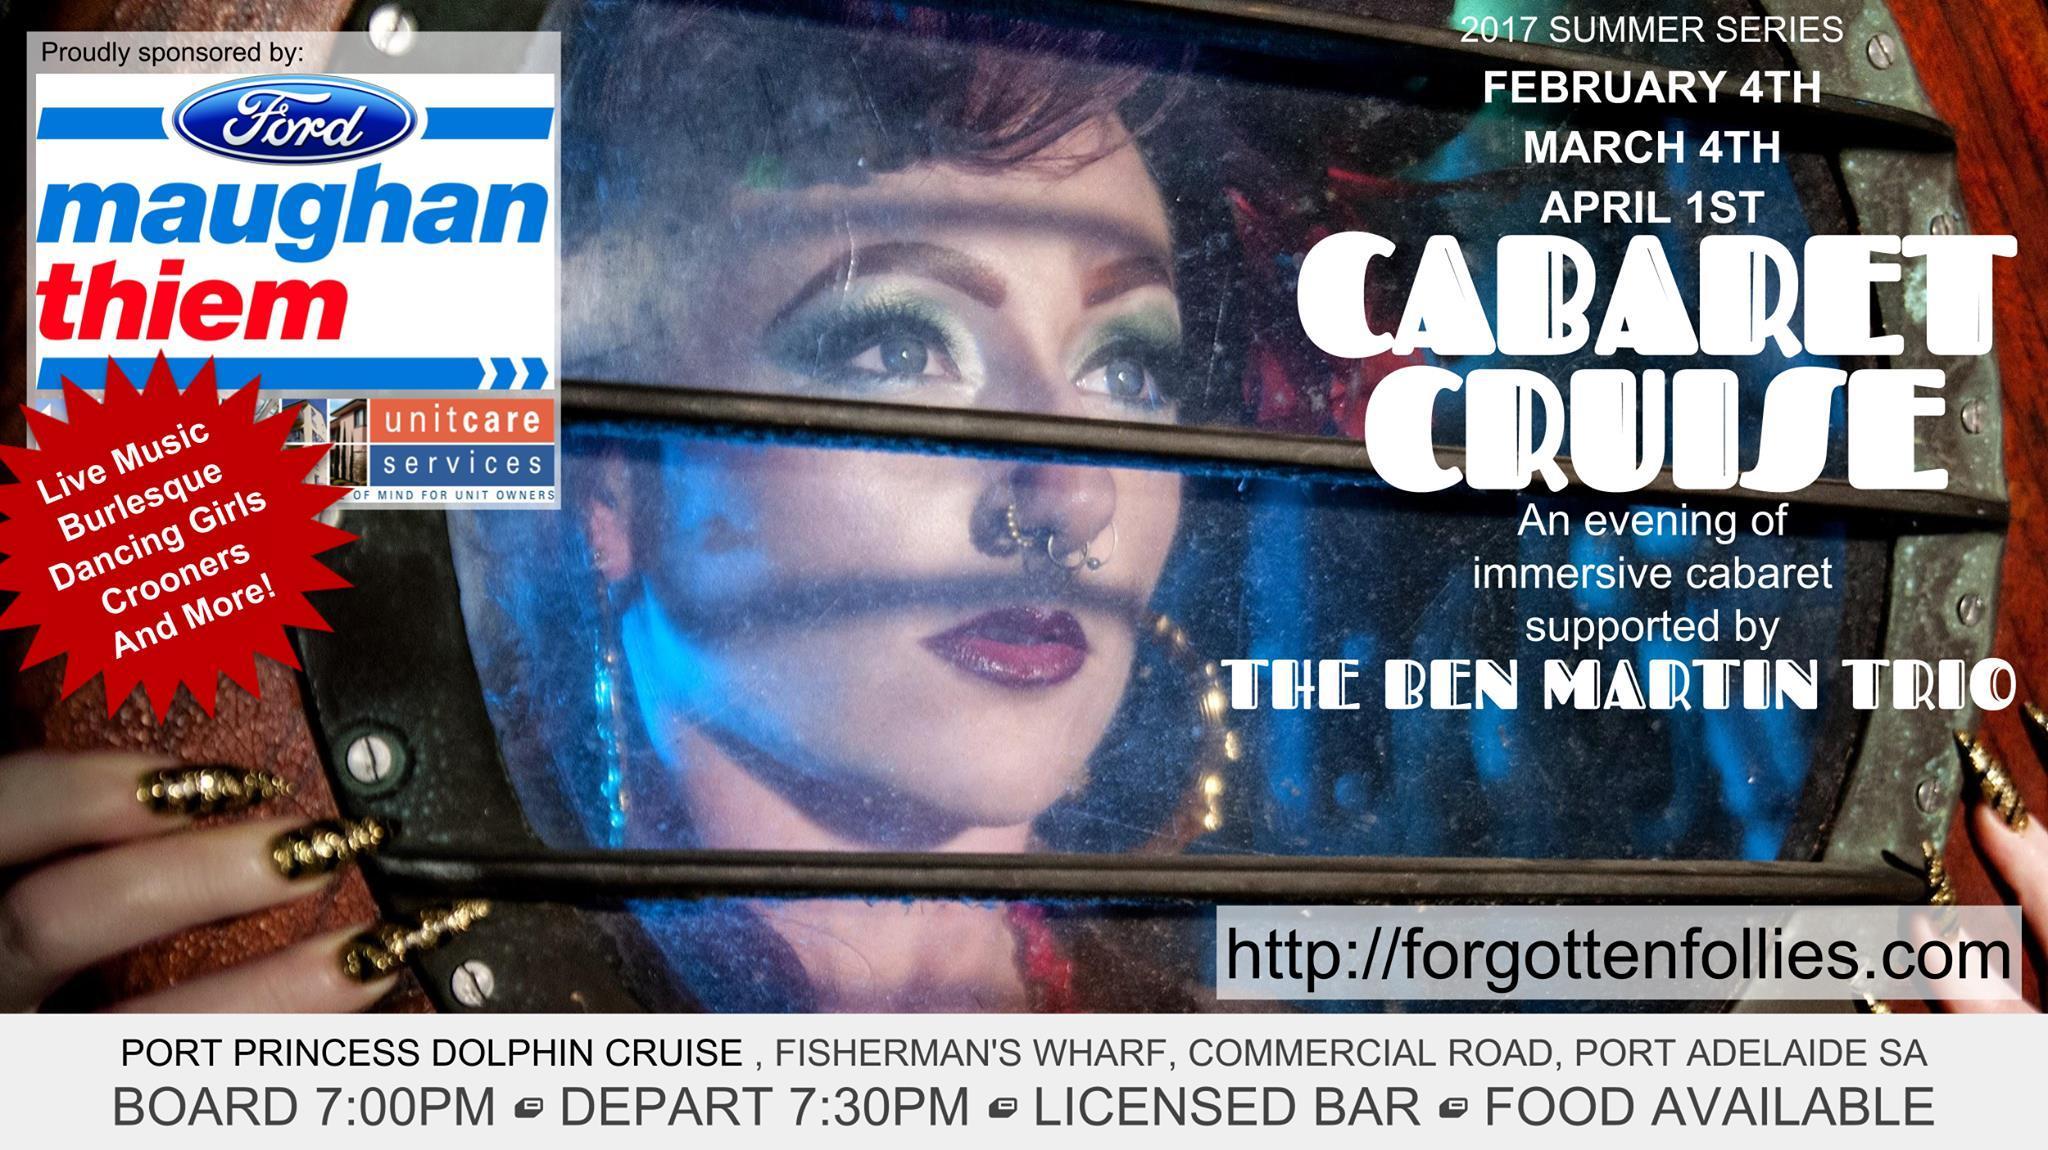 Cabaret Cruise February 4th